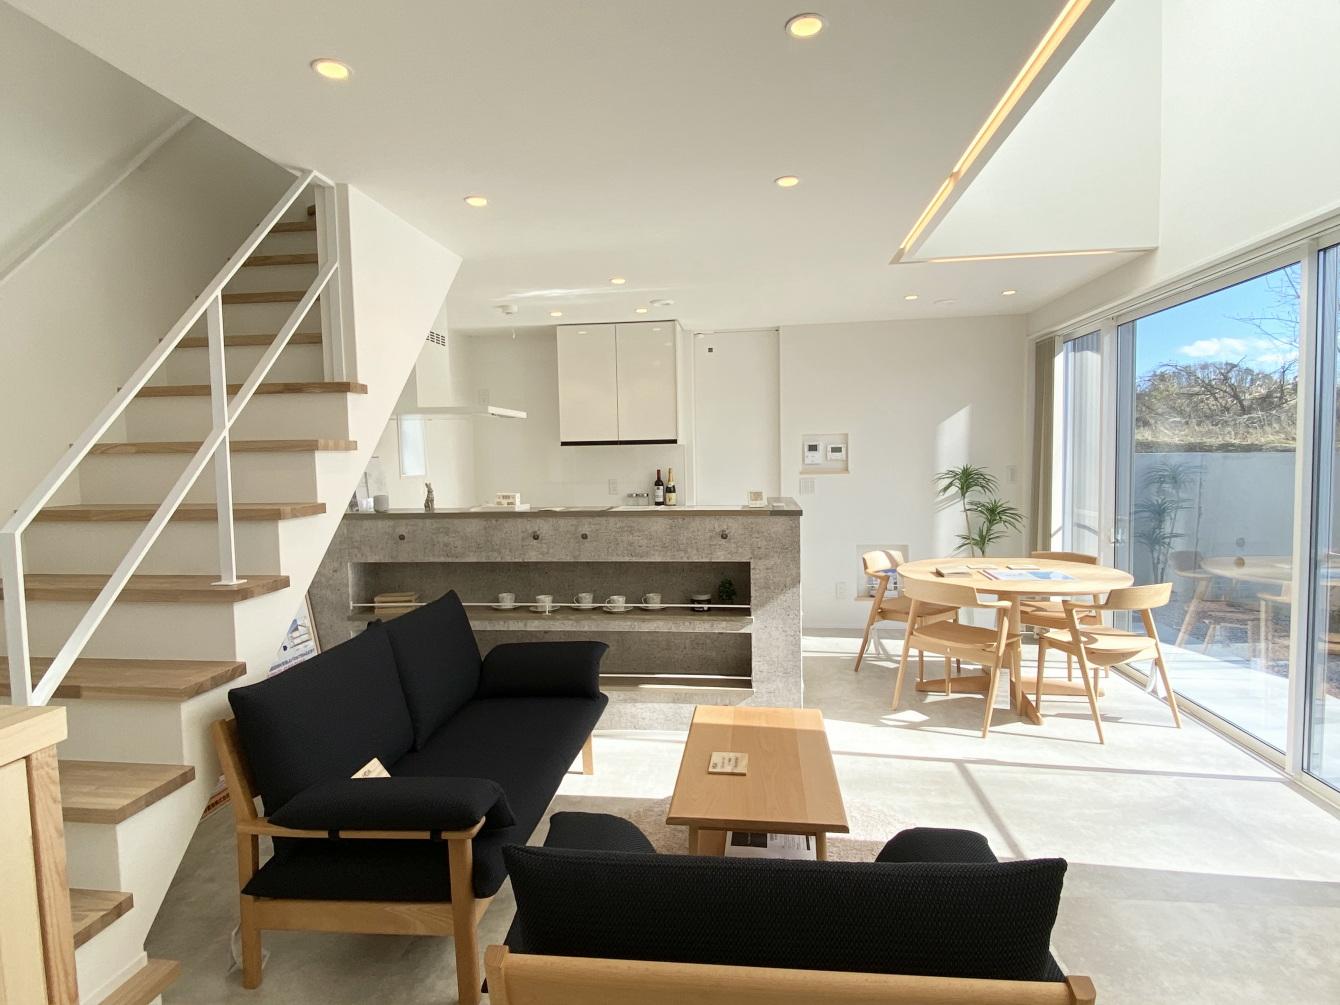 田村市の施工例、コンパクト&北欧デザインの家リビング&キッチン3